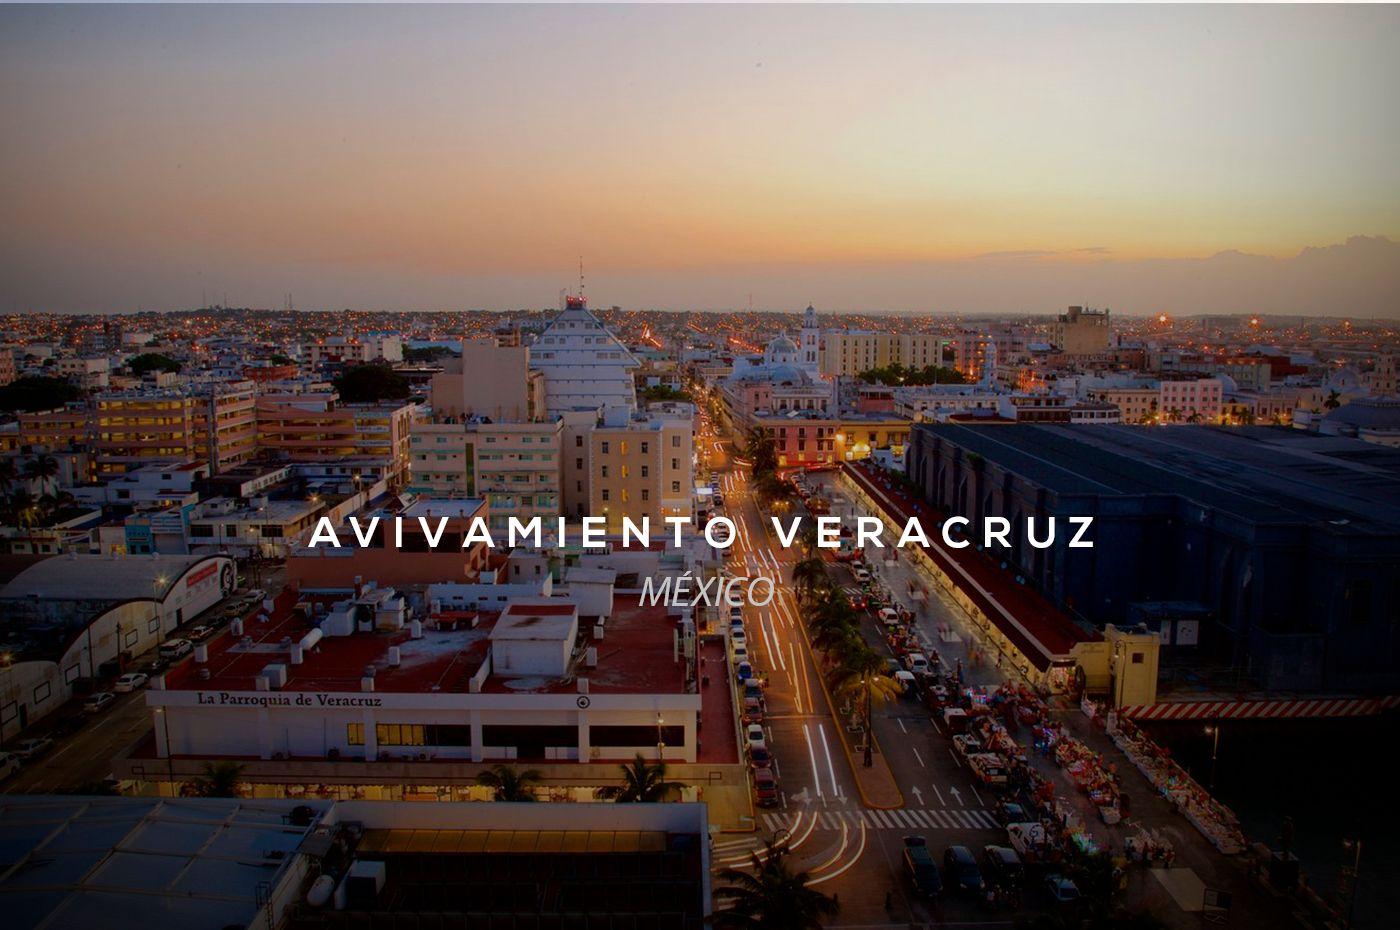 El Avivamiento se está tomando Veracruz México